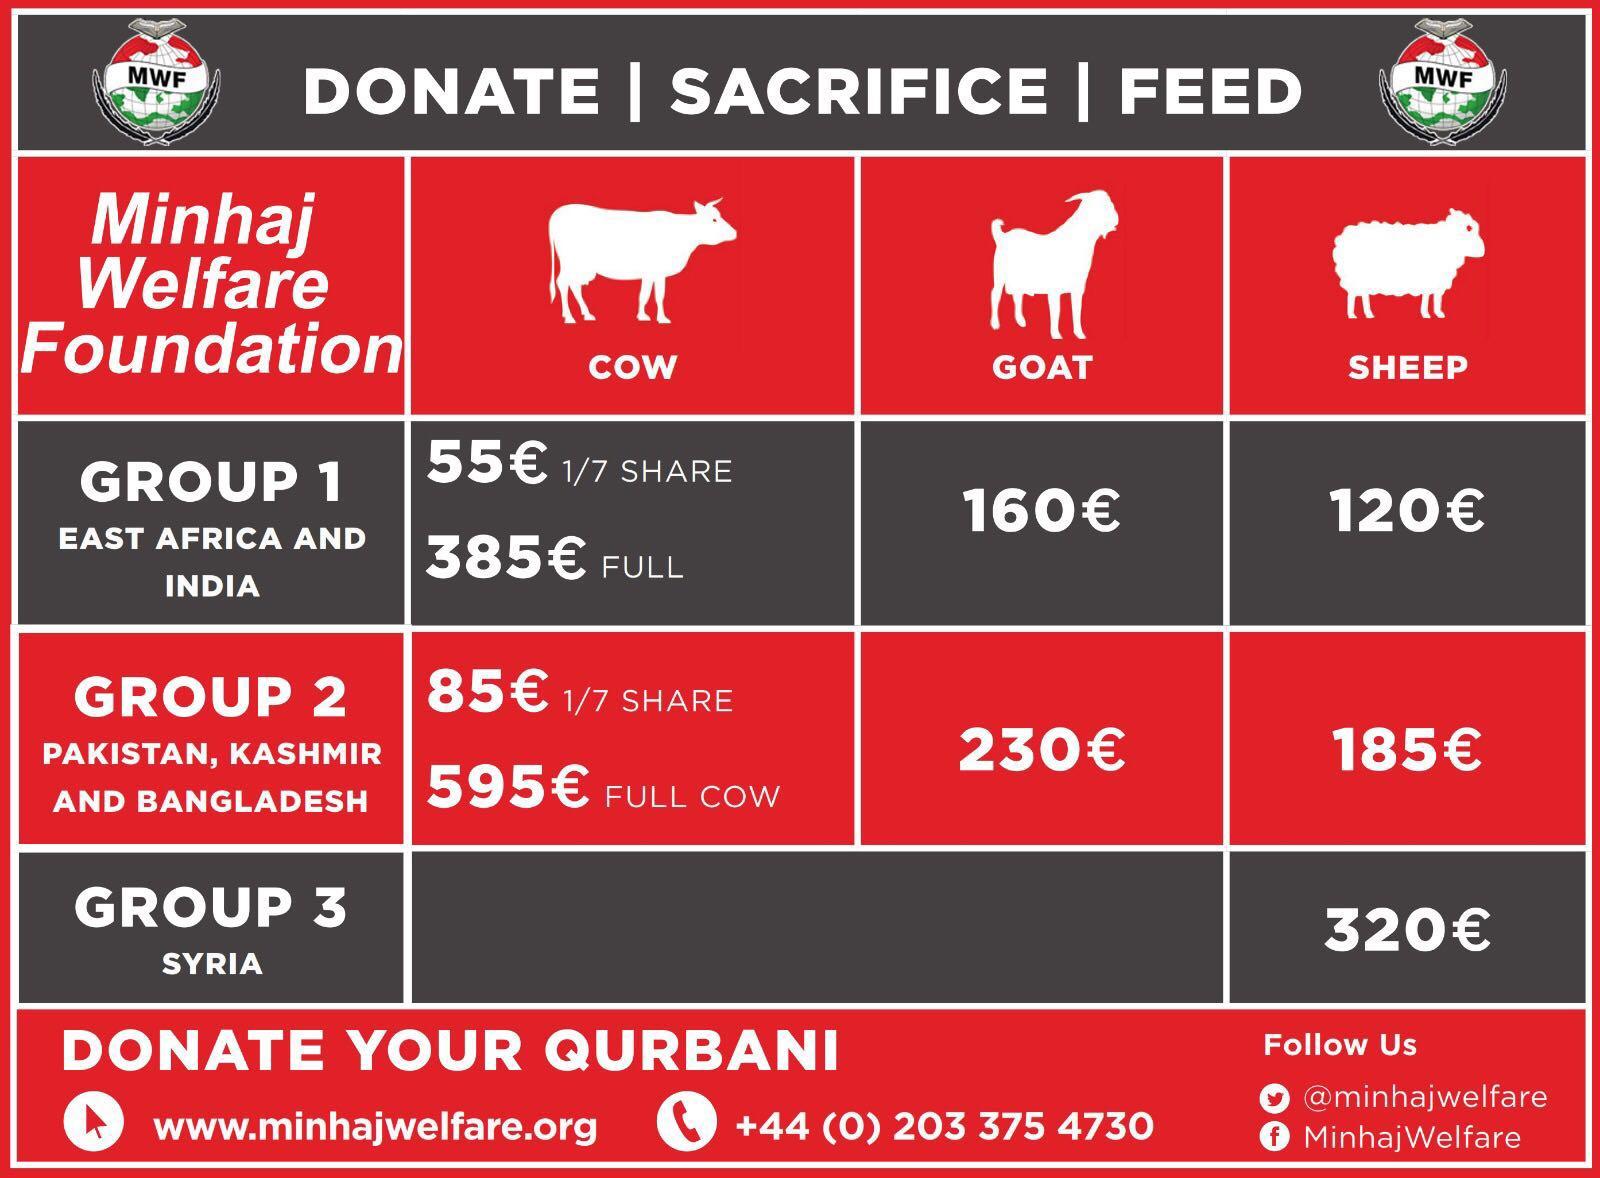 Deel de zegeningen van de Qurbani